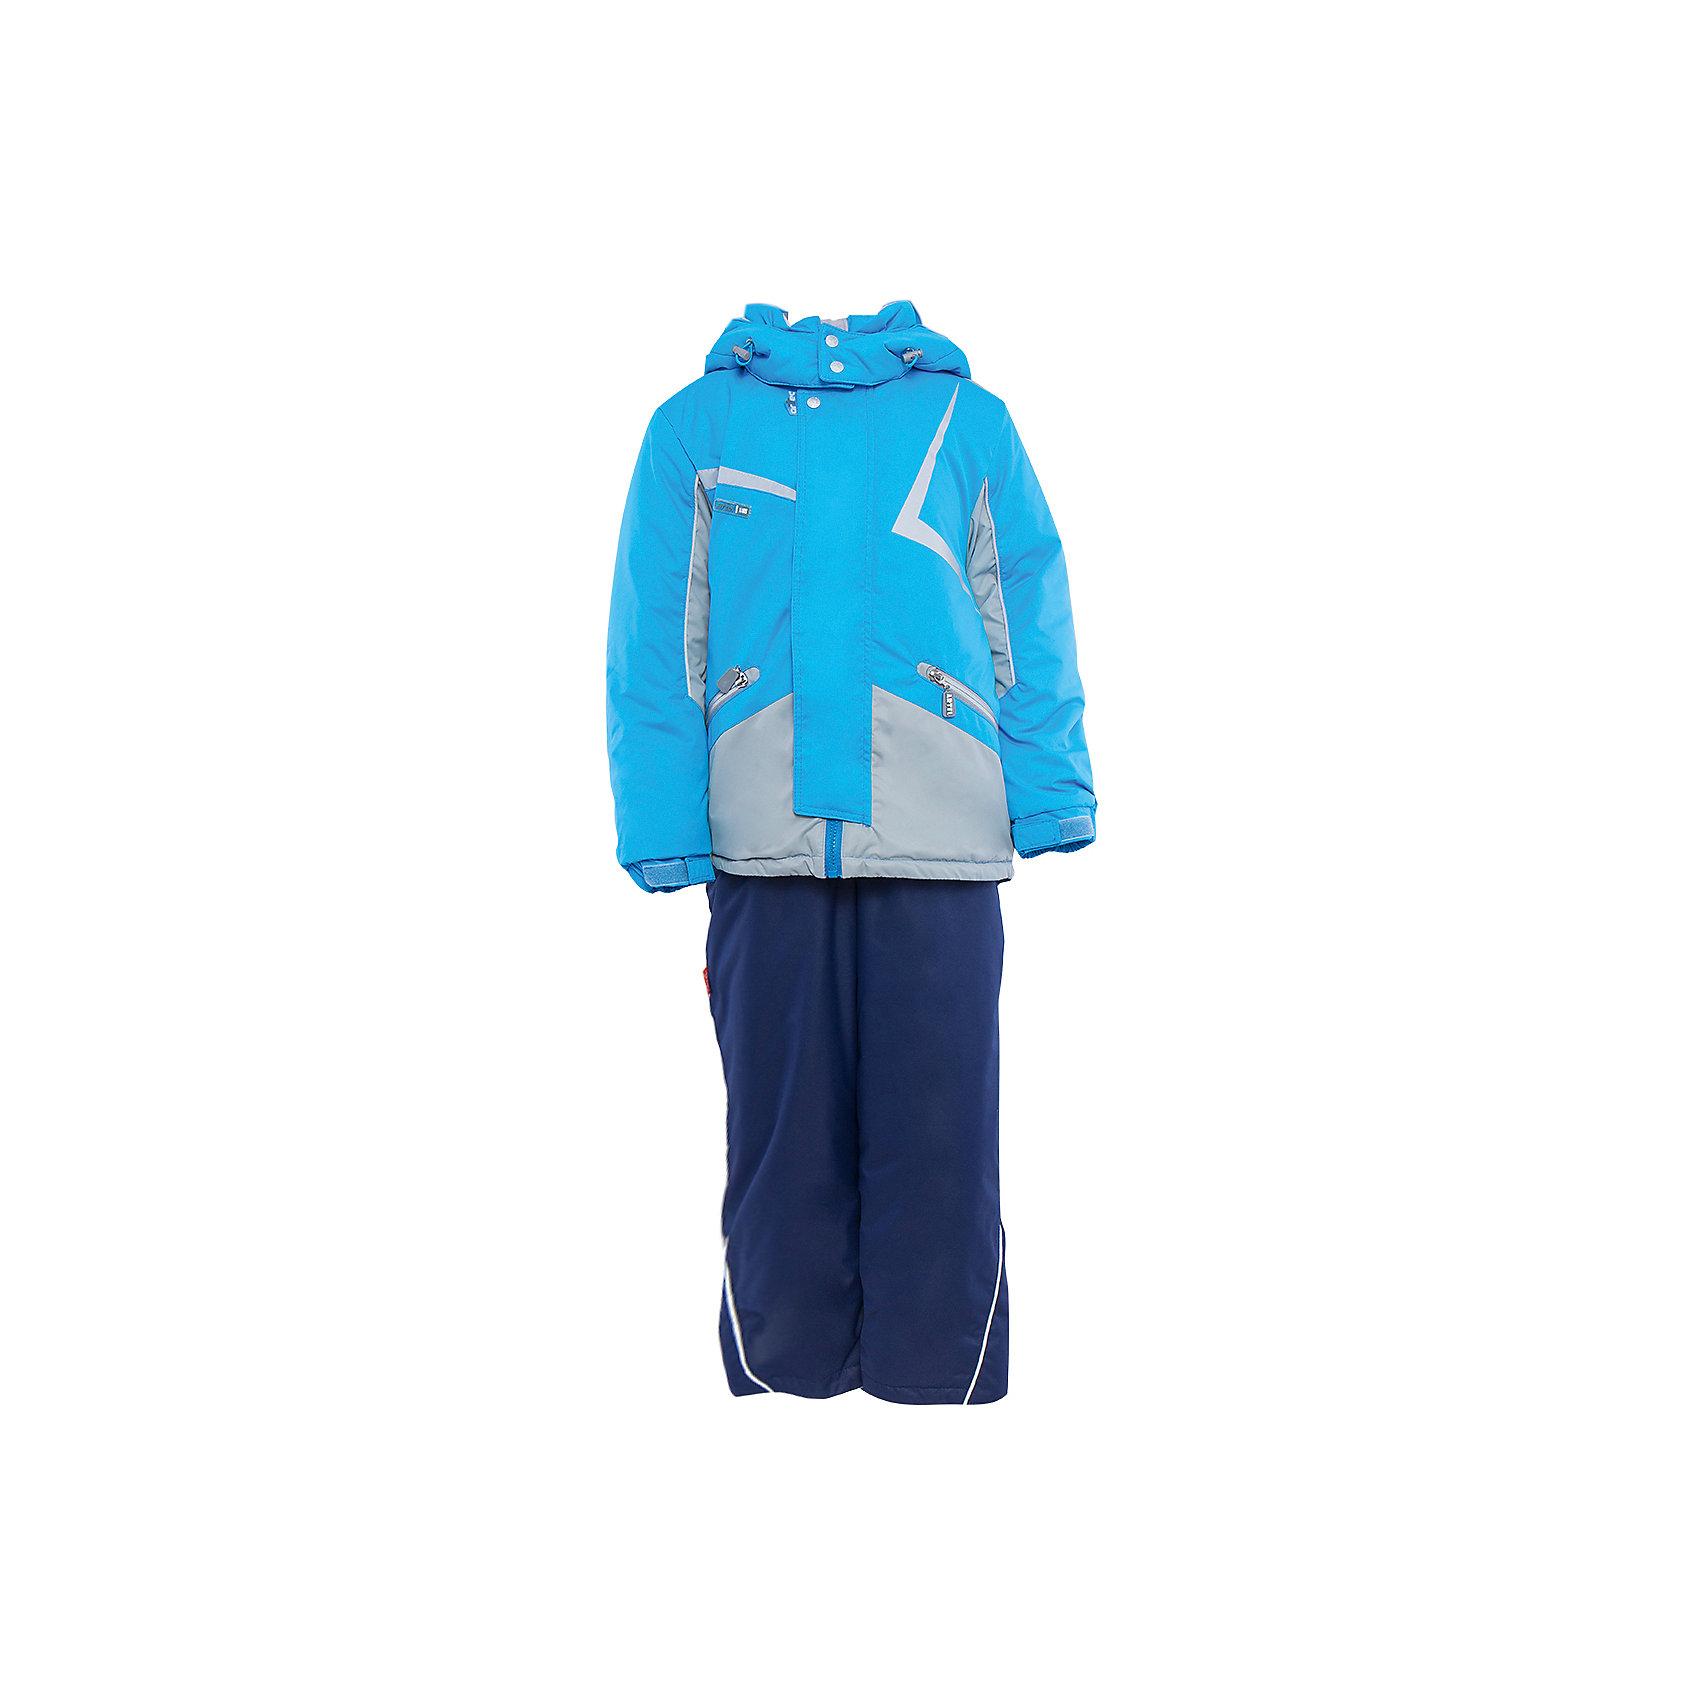 Комплект: куртка и полукомбинезон для мальчика АртельВерхняя одежда<br>Комплект: куртка и полукомбинезон для мальчика от известного бренда Артель<br>Комплект на современном утеплителеиз мембранной ткани, позволит ребенку долго гулять даже в самую слякотную погоду, кататься с мокрых горок и не промокнуть. Куртка выполнена из мембранной ткани . Функцию дополнительной защиты от ветра выполняют: глубокий капюшон с резинкой и стопорами, кулиска с резинкой по низу куртки, дополнительная фиксация по краю рукава с регулируемой липучкой. По линии талии расположен пояс на резинке с декоративной пряжкой. У полукомбинезона регулируется длина бретелек. Внизу на штанишках есть дополнительная фиксация, в виде напульсника и застежки на липучку.<br>Состав:<br>Верх: LokkerPoint<br>Подкладка: микрофлис, пэ<br>Утеплитель: TermoFinn 200<br>Полукомбинезон:<br>Верх: LokkerPoint<br>Подкладка: флис, пэ<br>Утеплитель: TermoFinn 200<br>Верх: KB-703 HiPora<br><br>Ширина мм: 215<br>Глубина мм: 88<br>Высота мм: 191<br>Вес г: 336<br>Цвет: голубой<br>Возраст от месяцев: 84<br>Возраст до месяцев: 96<br>Пол: Мужской<br>Возраст: Детский<br>Размер: 128,146,116,122,134,140<br>SKU: 4963972